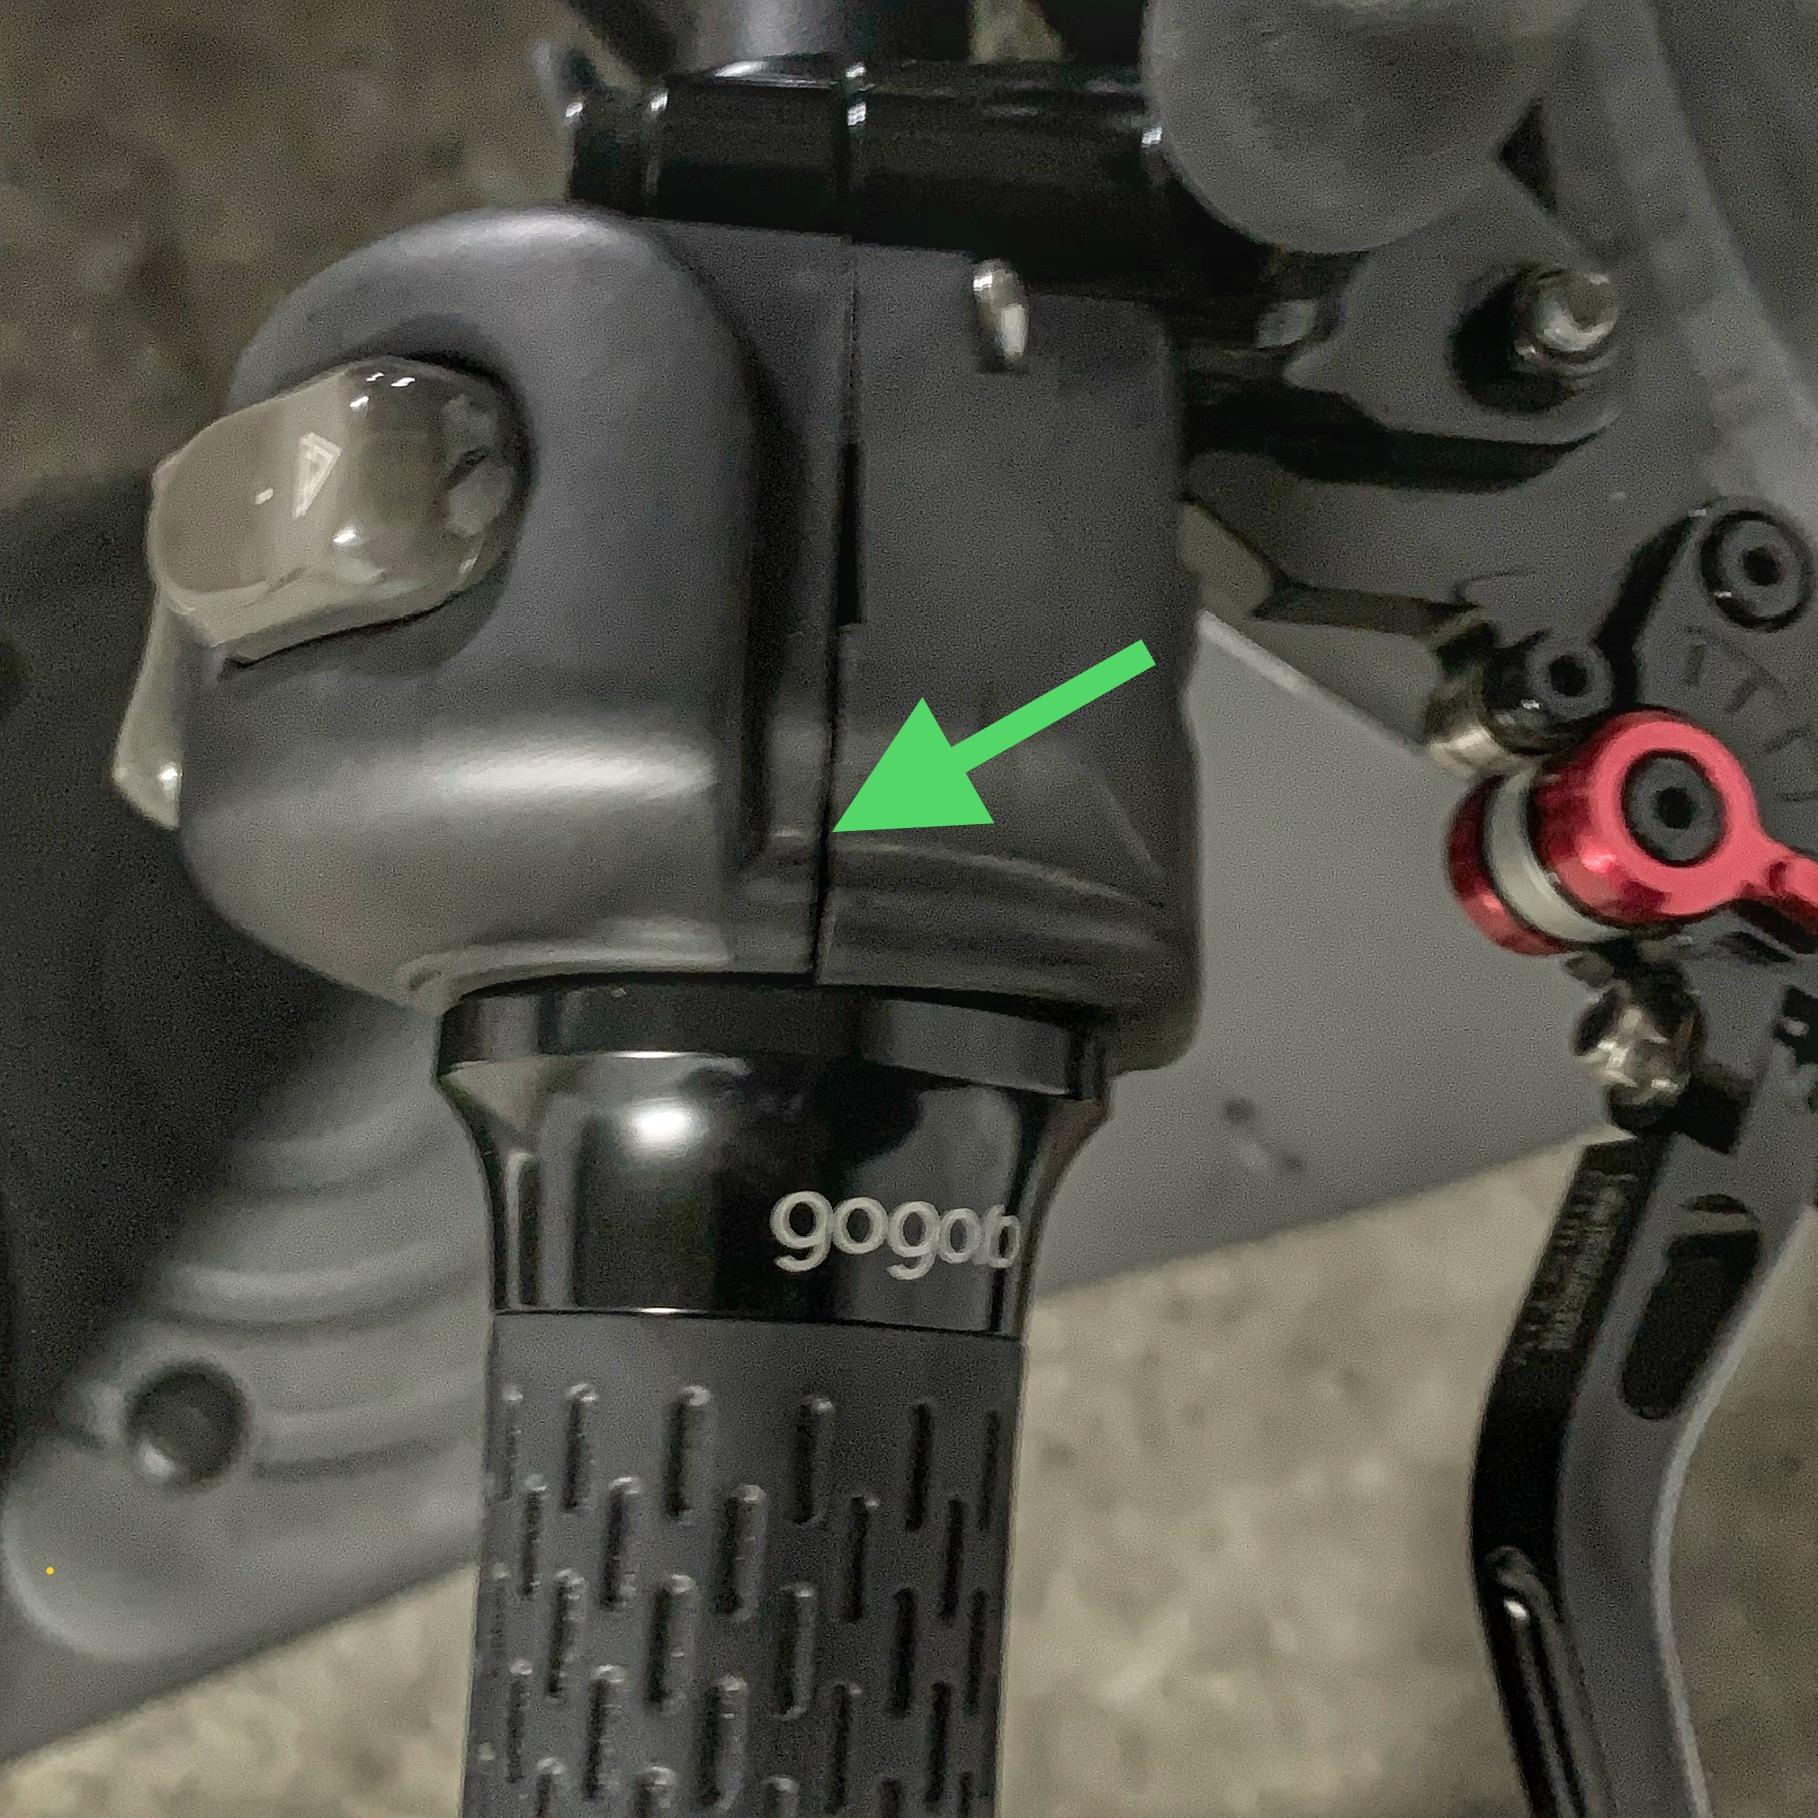 從手把右側看,箭頭指的是按鈕基座特別分開處